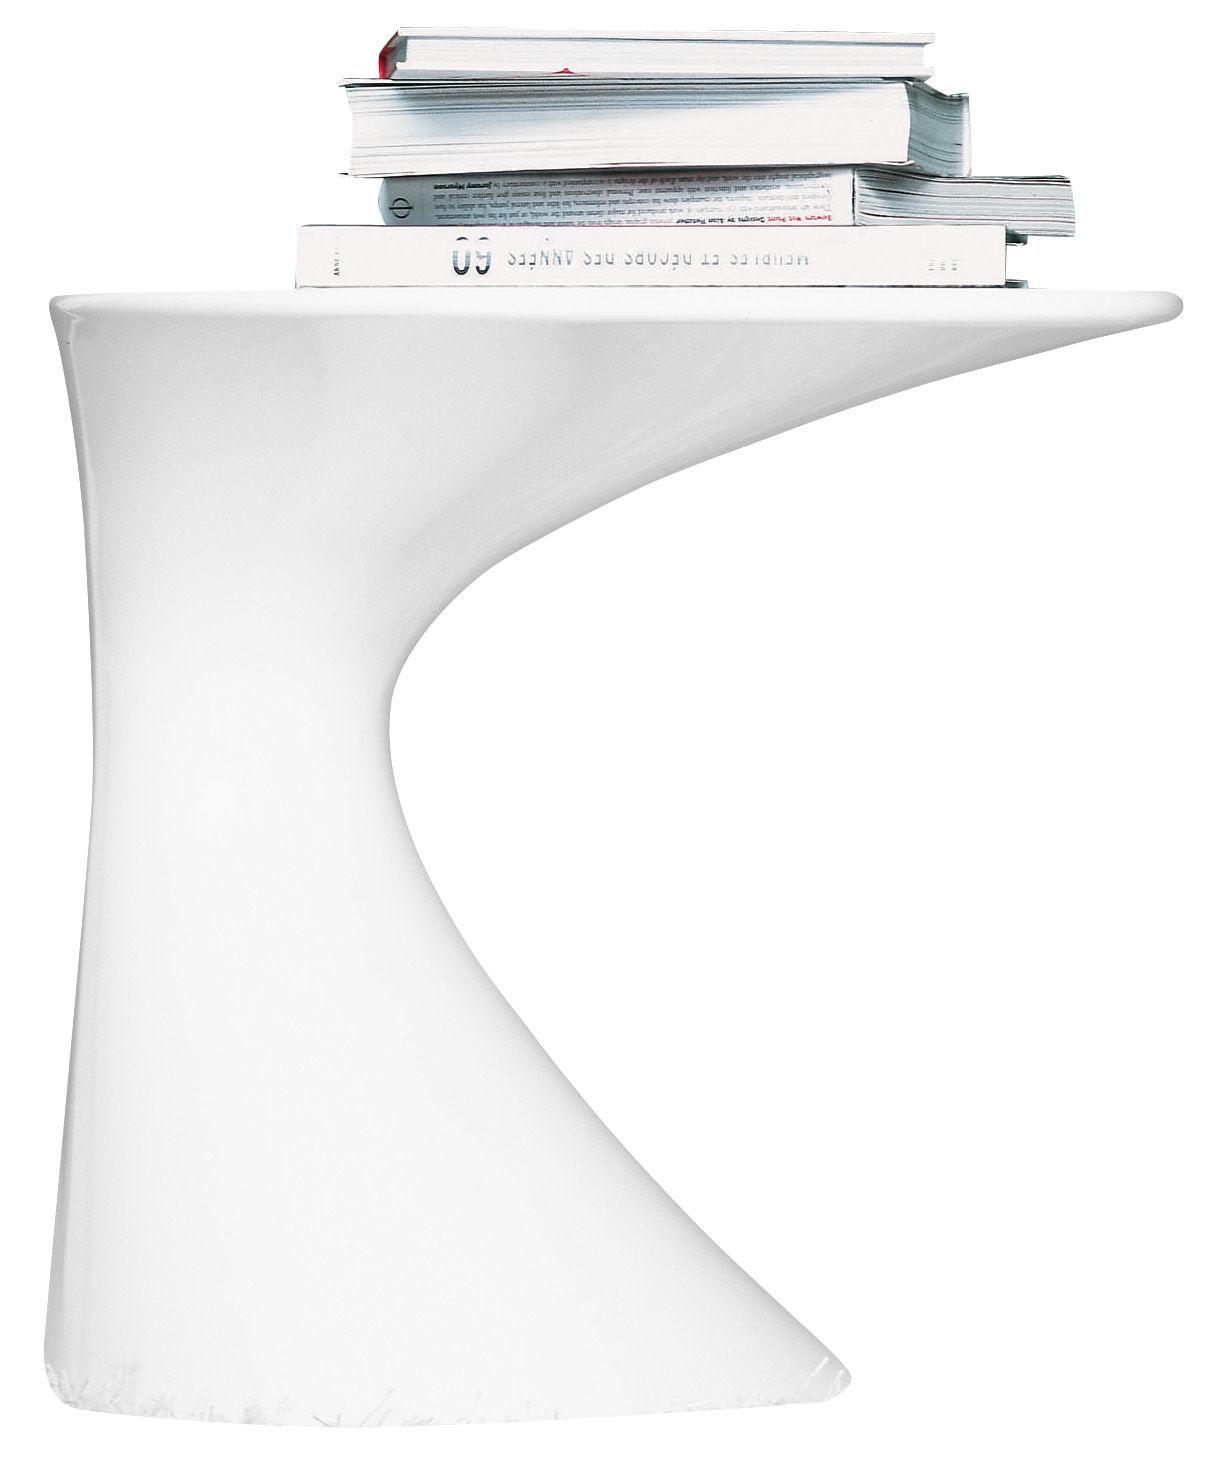 Möbel - Couchtische - Tod Beistelltisch - Zanotta - Weiß lackiert - lackiertes Polypropylen